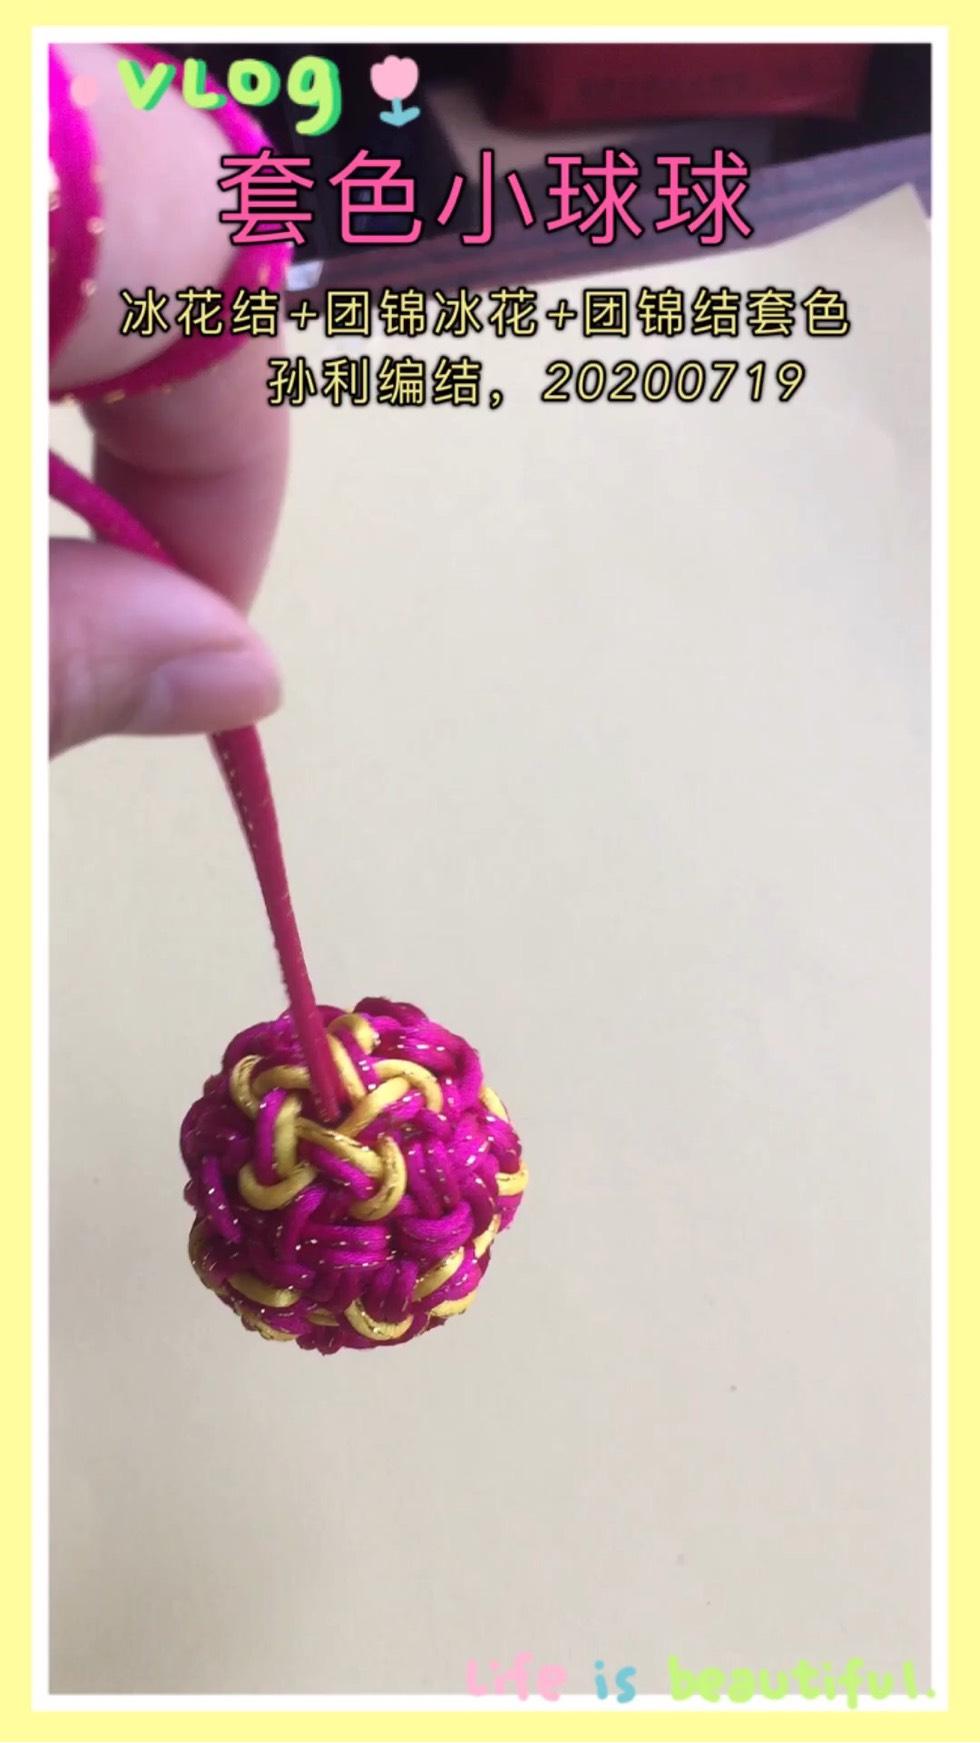 中国结论坛 立体组合小球球-仿编加上了套色 红色的小球球是什么花,大球吞小球的游戏,大球吃小球,小球球游戏,小球球视频 作品展示 071050v6tqy7wa4tz6cpil